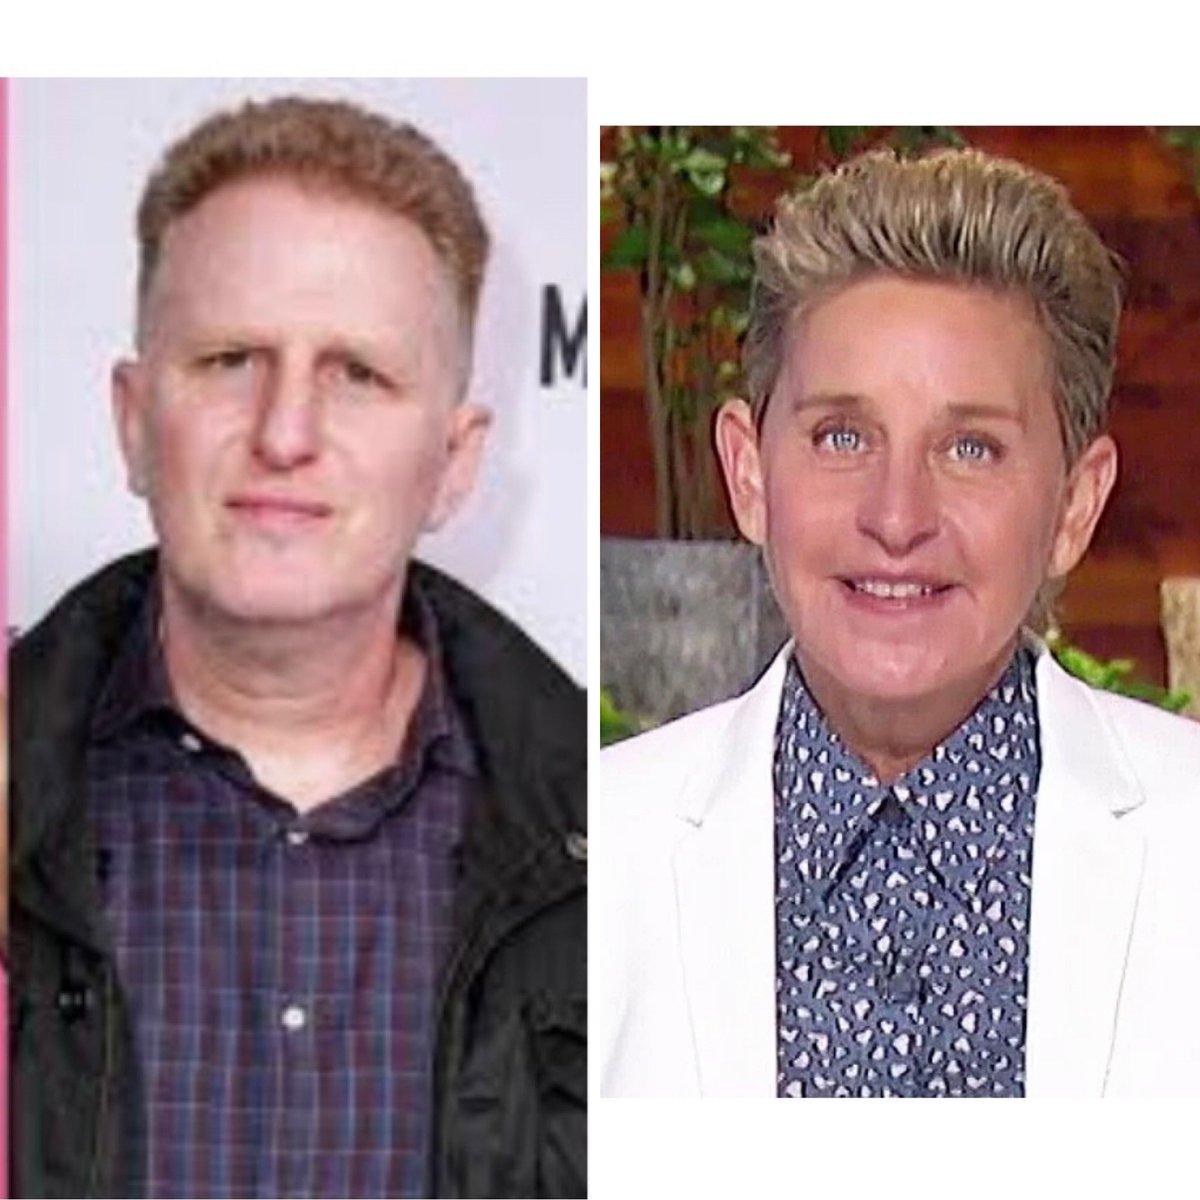 Ellen's new hair cut looks great in these new pics!!  #EllenDeGeneres #Trending #JamesCorden #twitterLOL #funnyfriday #nooffenseiloveyouellen #theellenshow https://t.co/IUZSxrpeEs